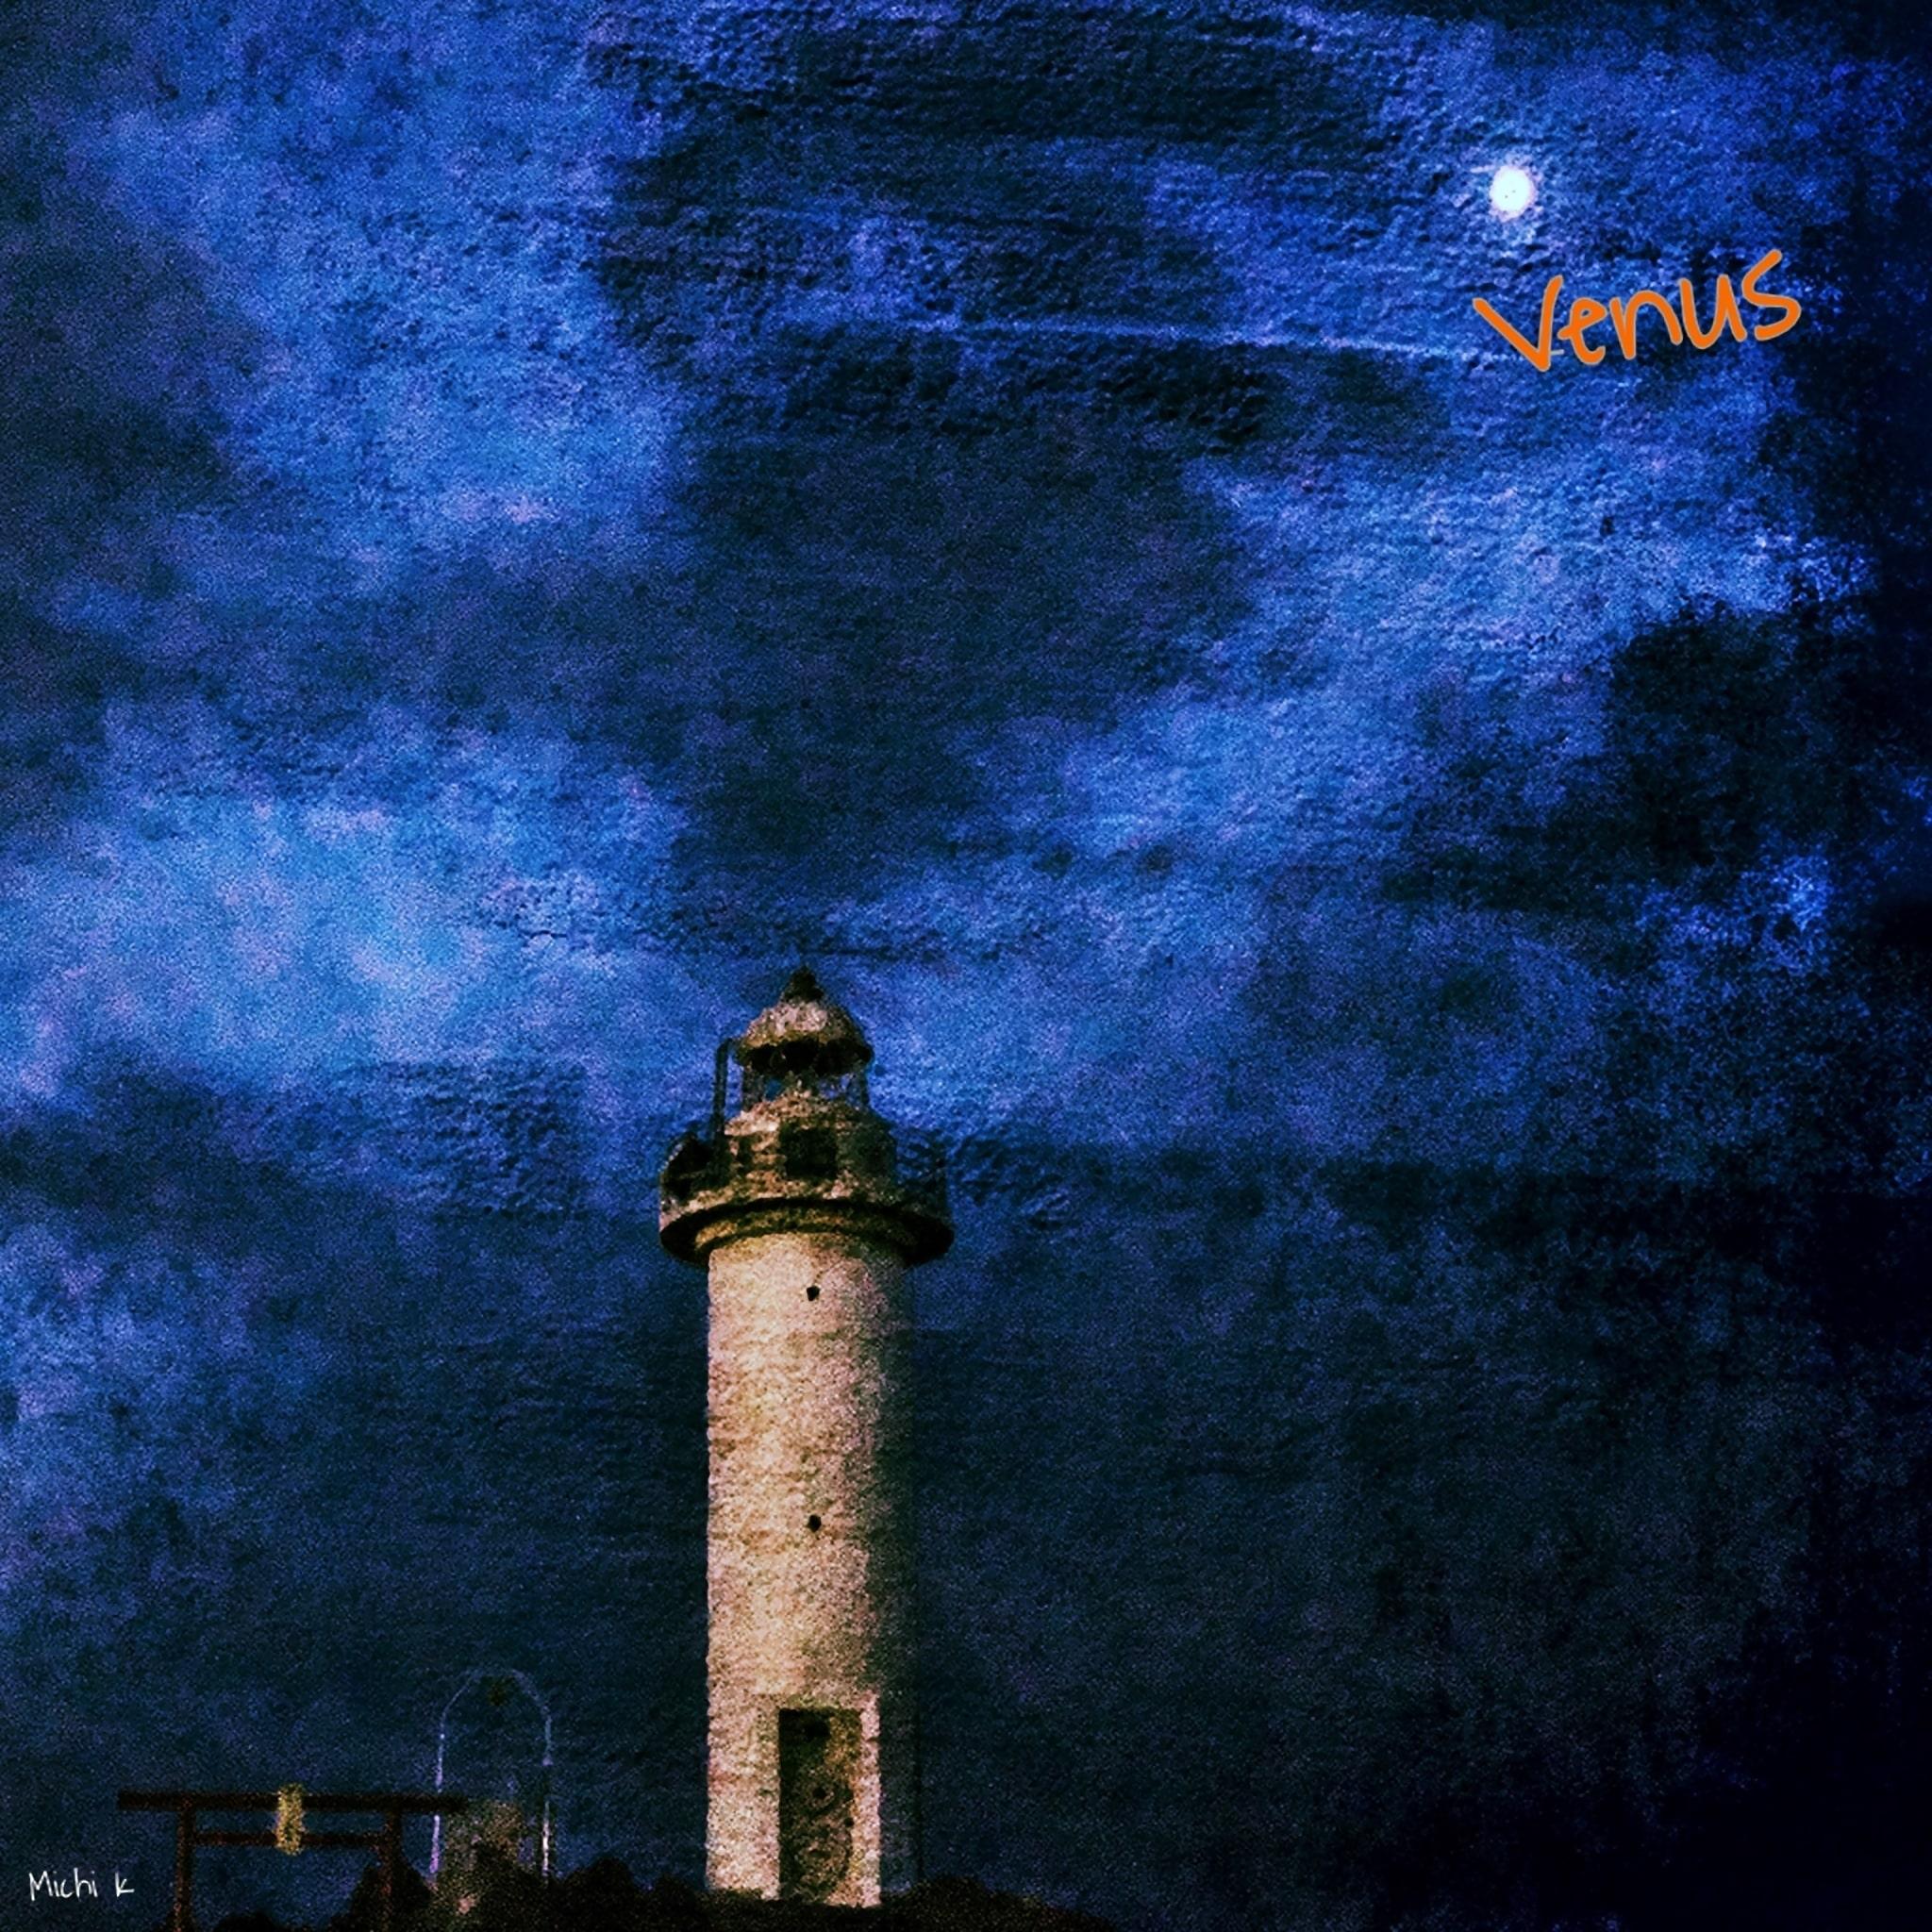 鼠ヶ関灯台と金星